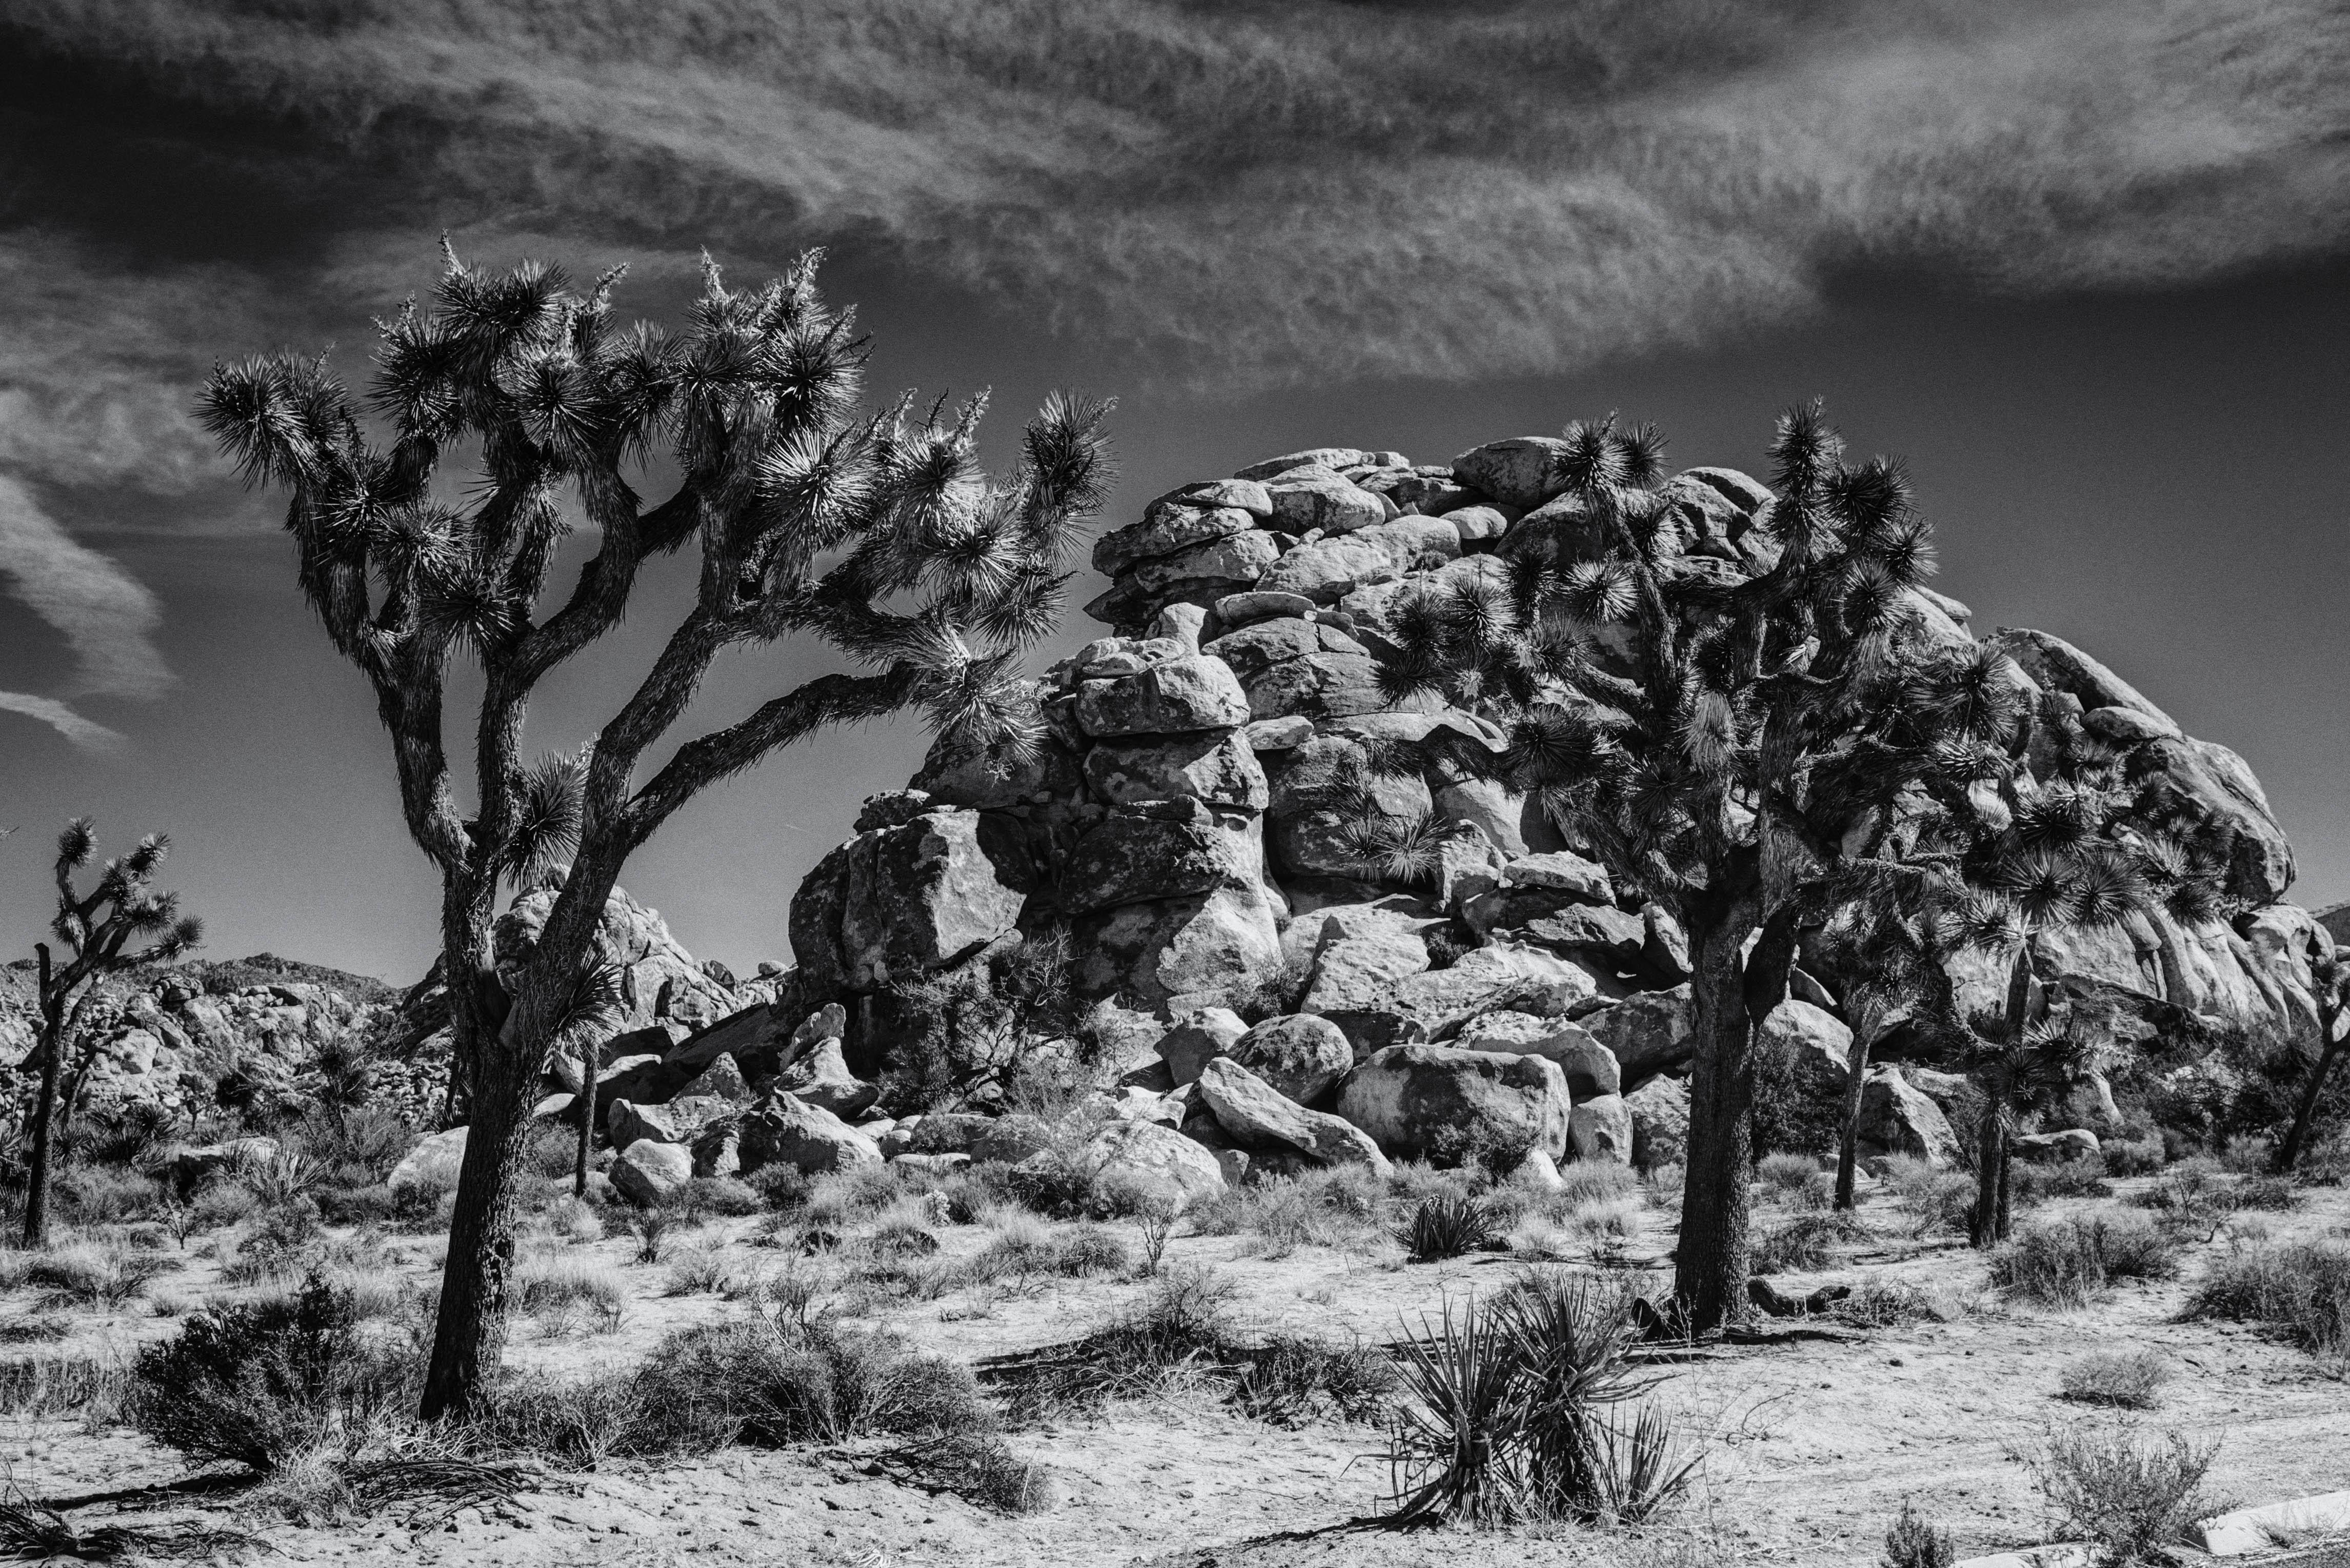 joshua-trees-and-rocks-bw